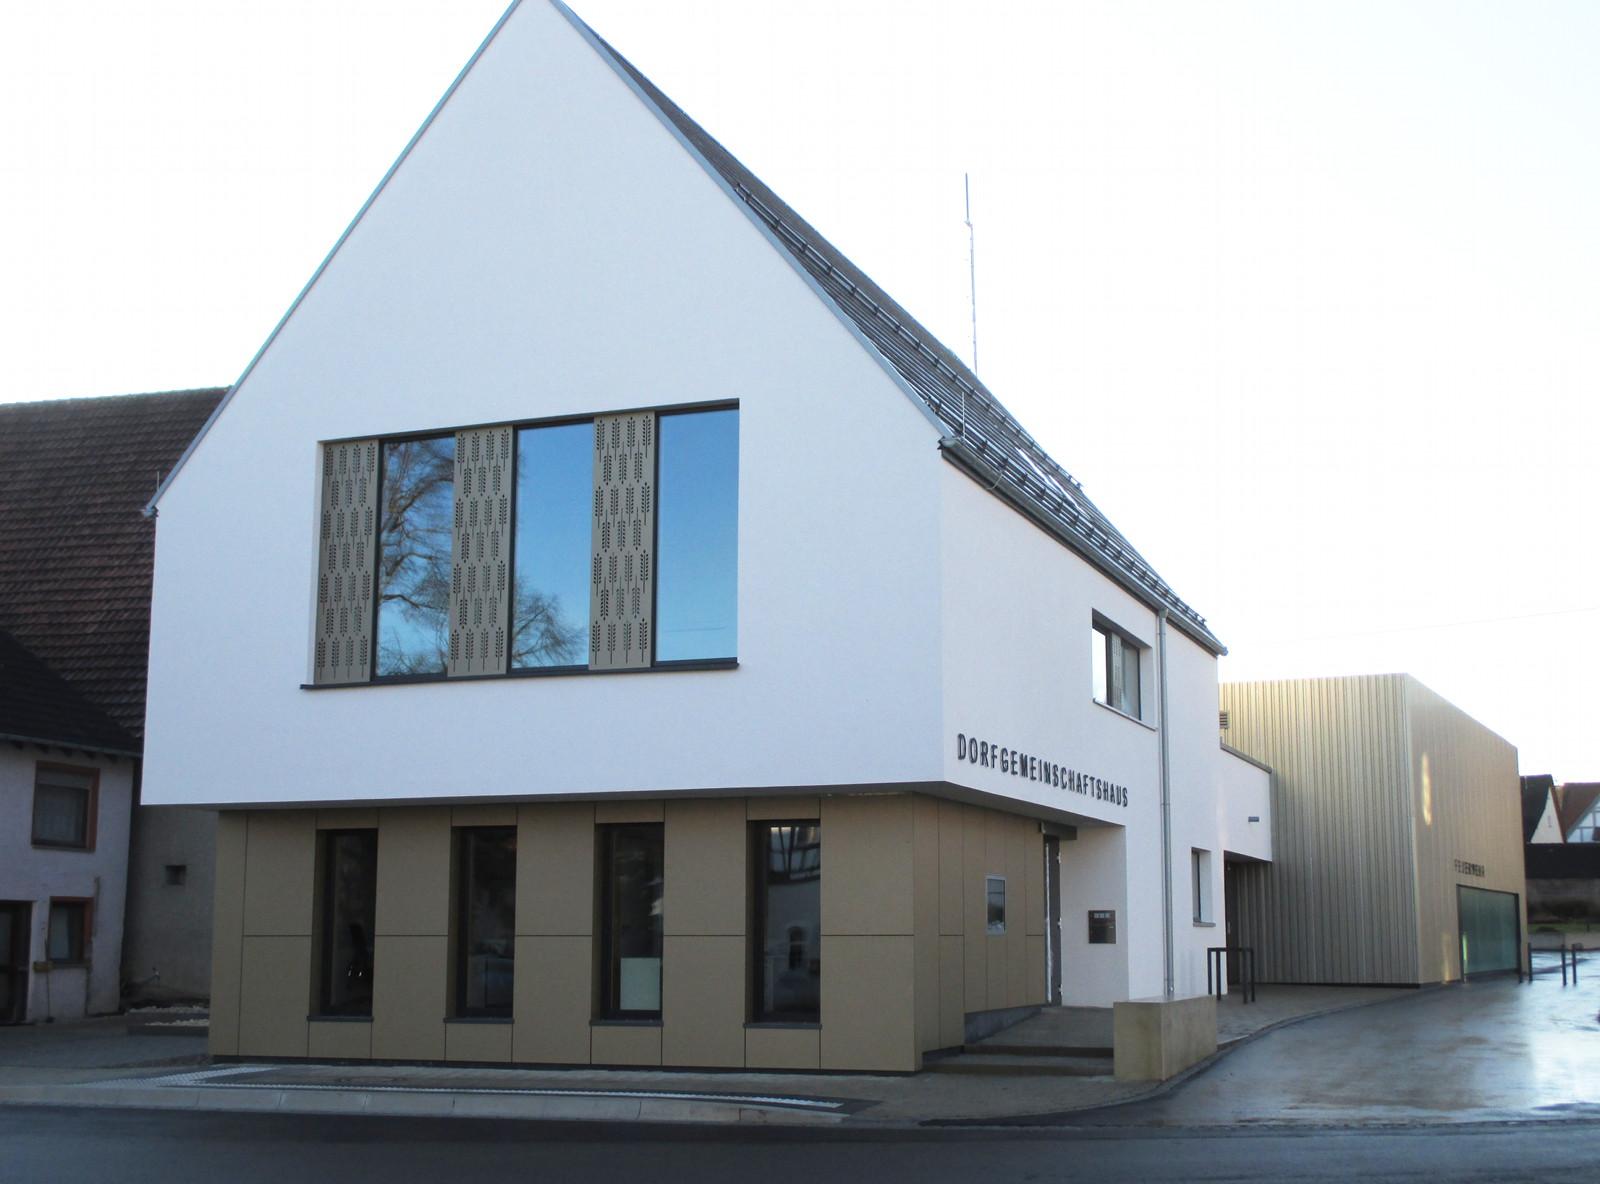 Ortsverwaltung Feldstetten mit Dorfgemeinschafts- und Feuerwehrhaus.JPG